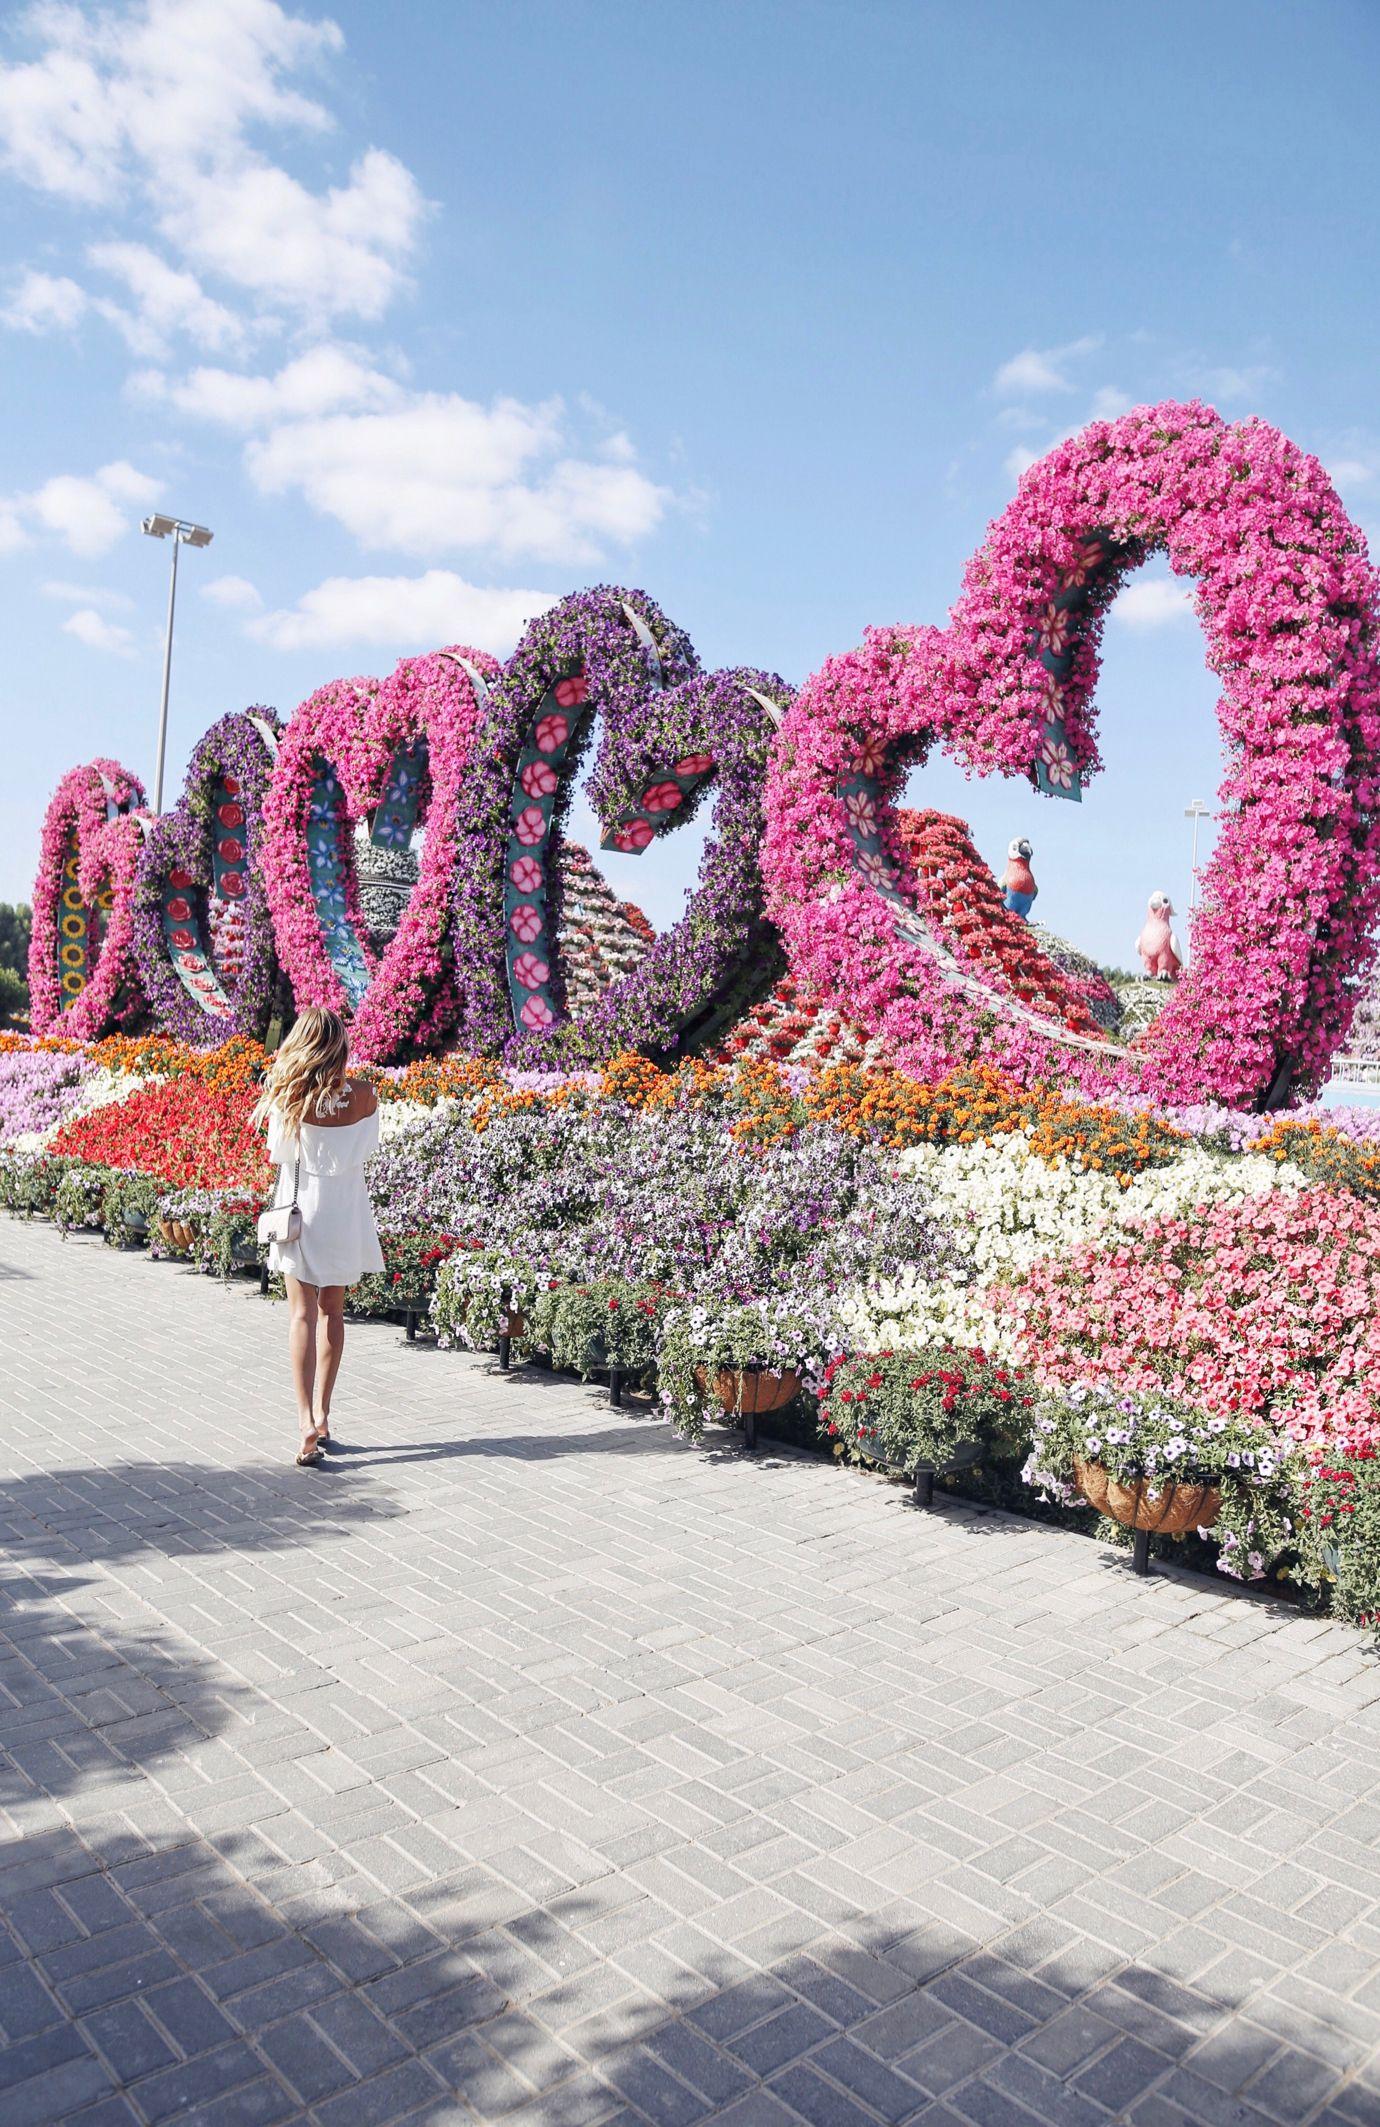 Miracle garden Places Dubai urlaub, Dubai reise und